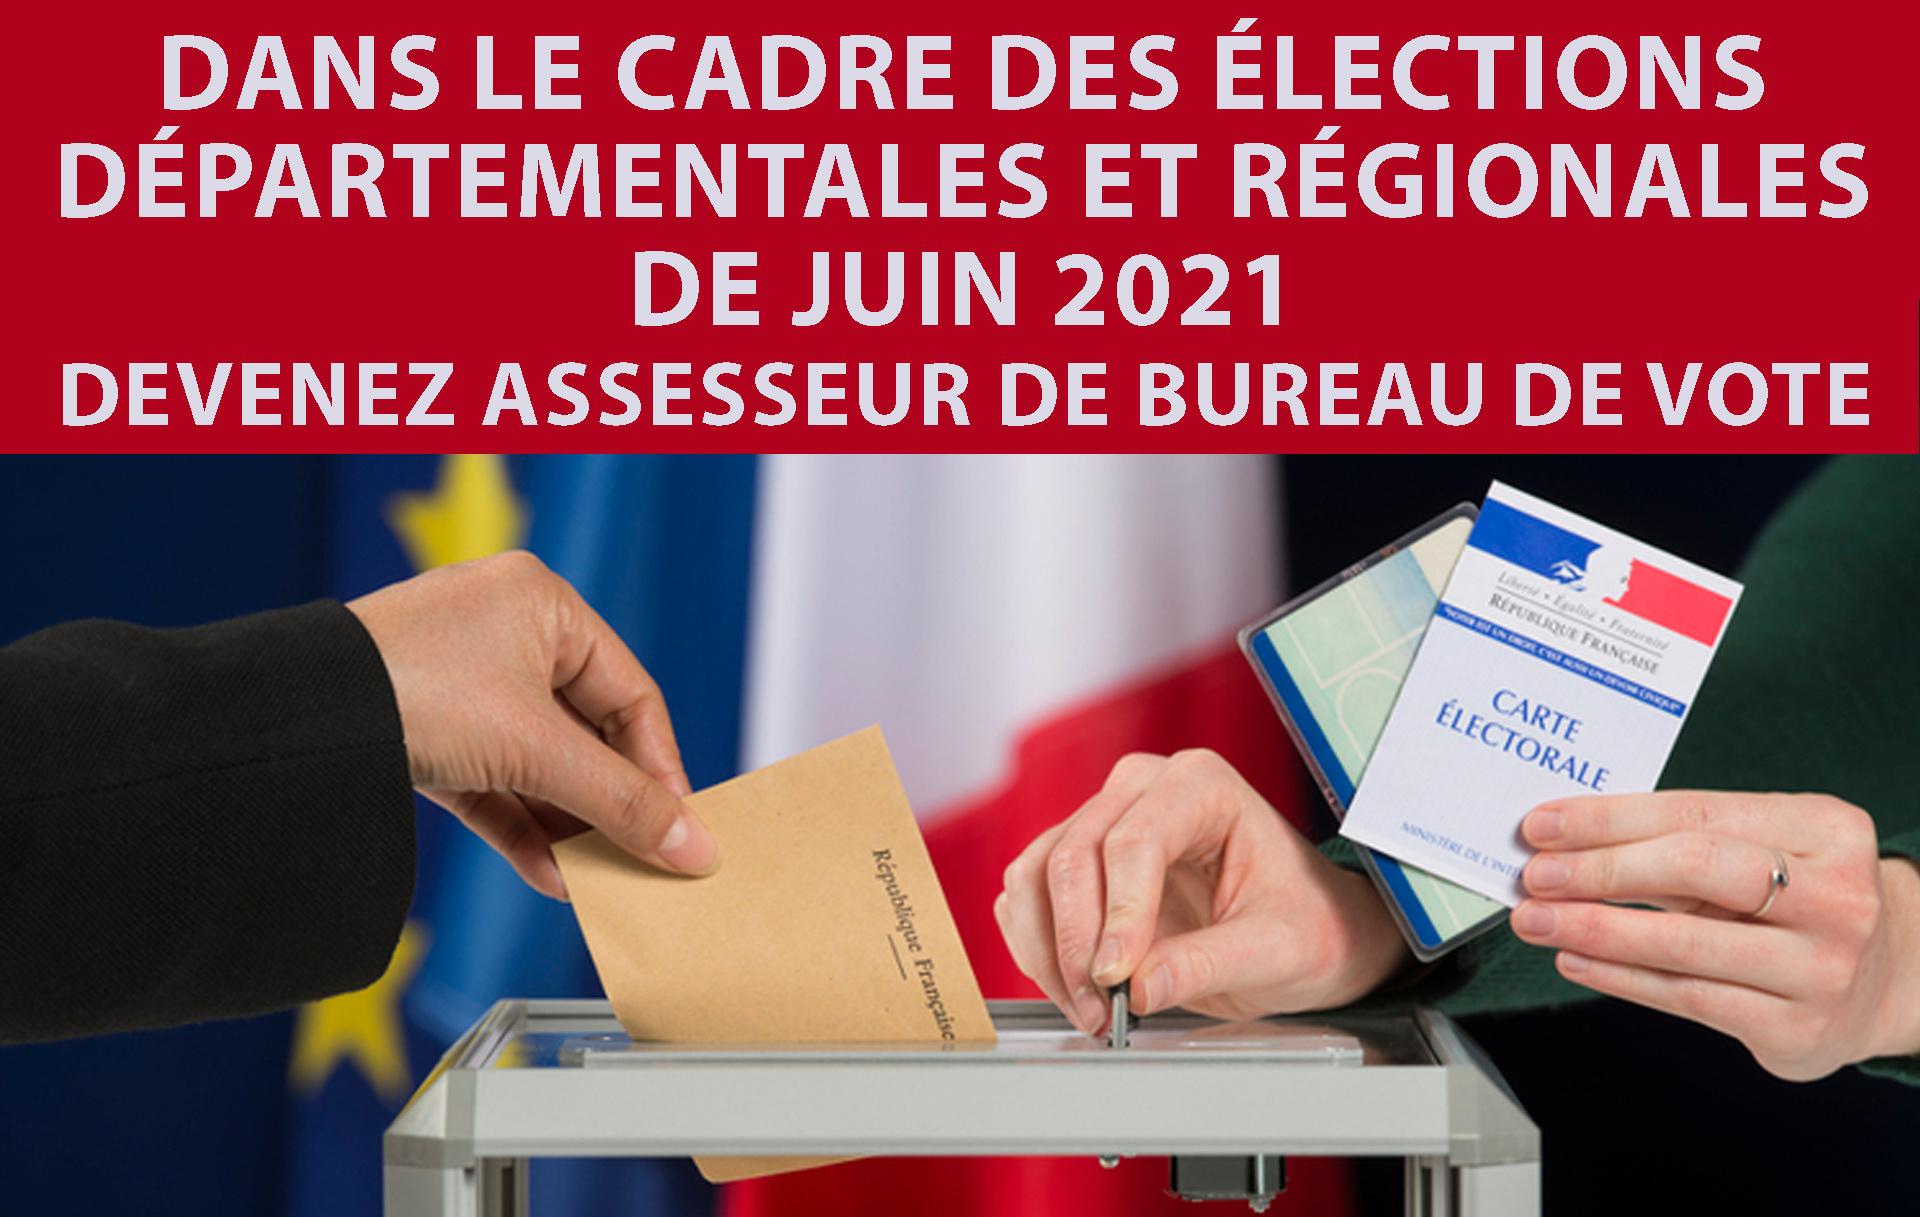 appel_site_candidats_assesseurs.jpg